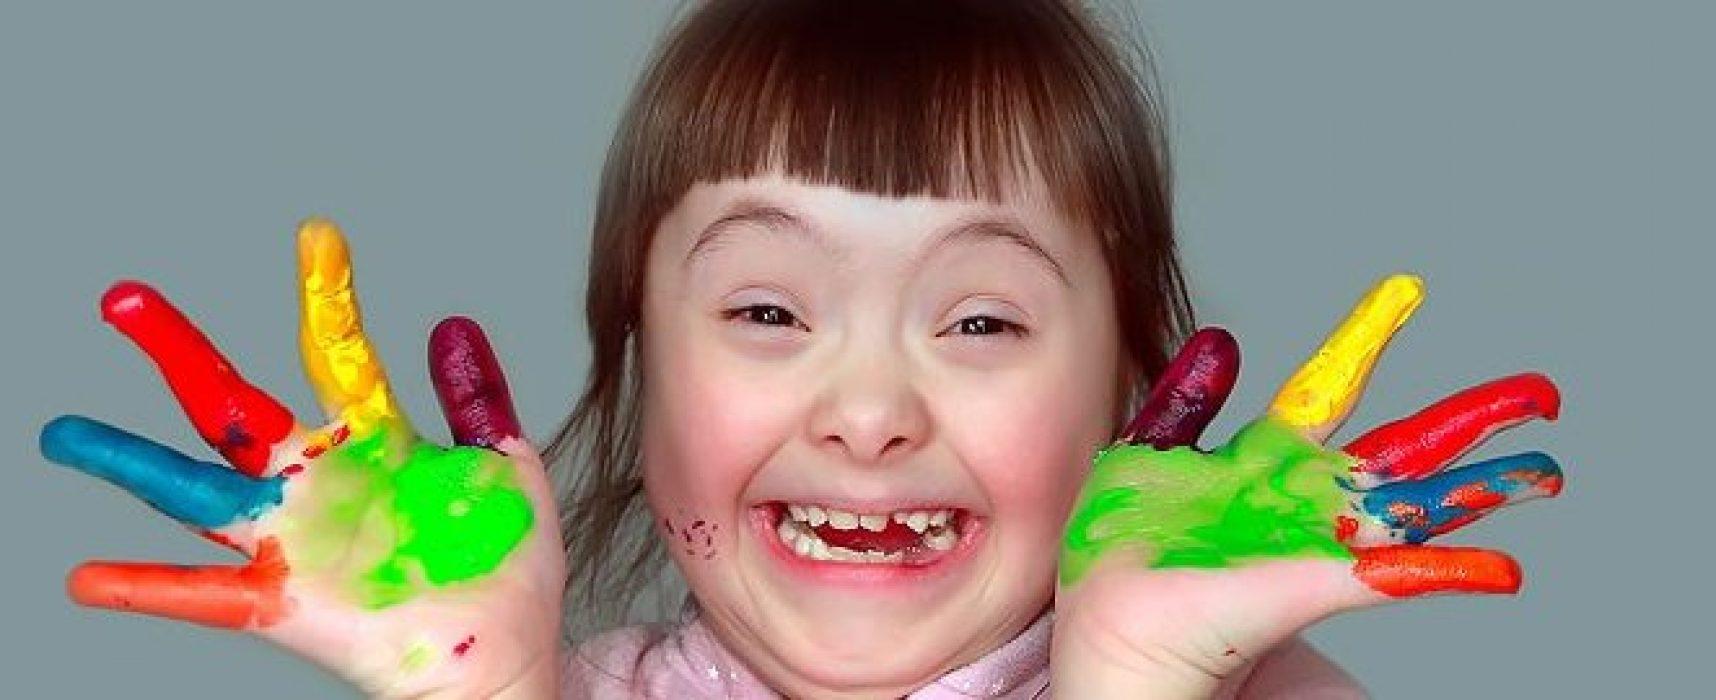 DIREITOS HUMANOS: Comissão aprova cota para pessoas com deficiência em publicidade do governo